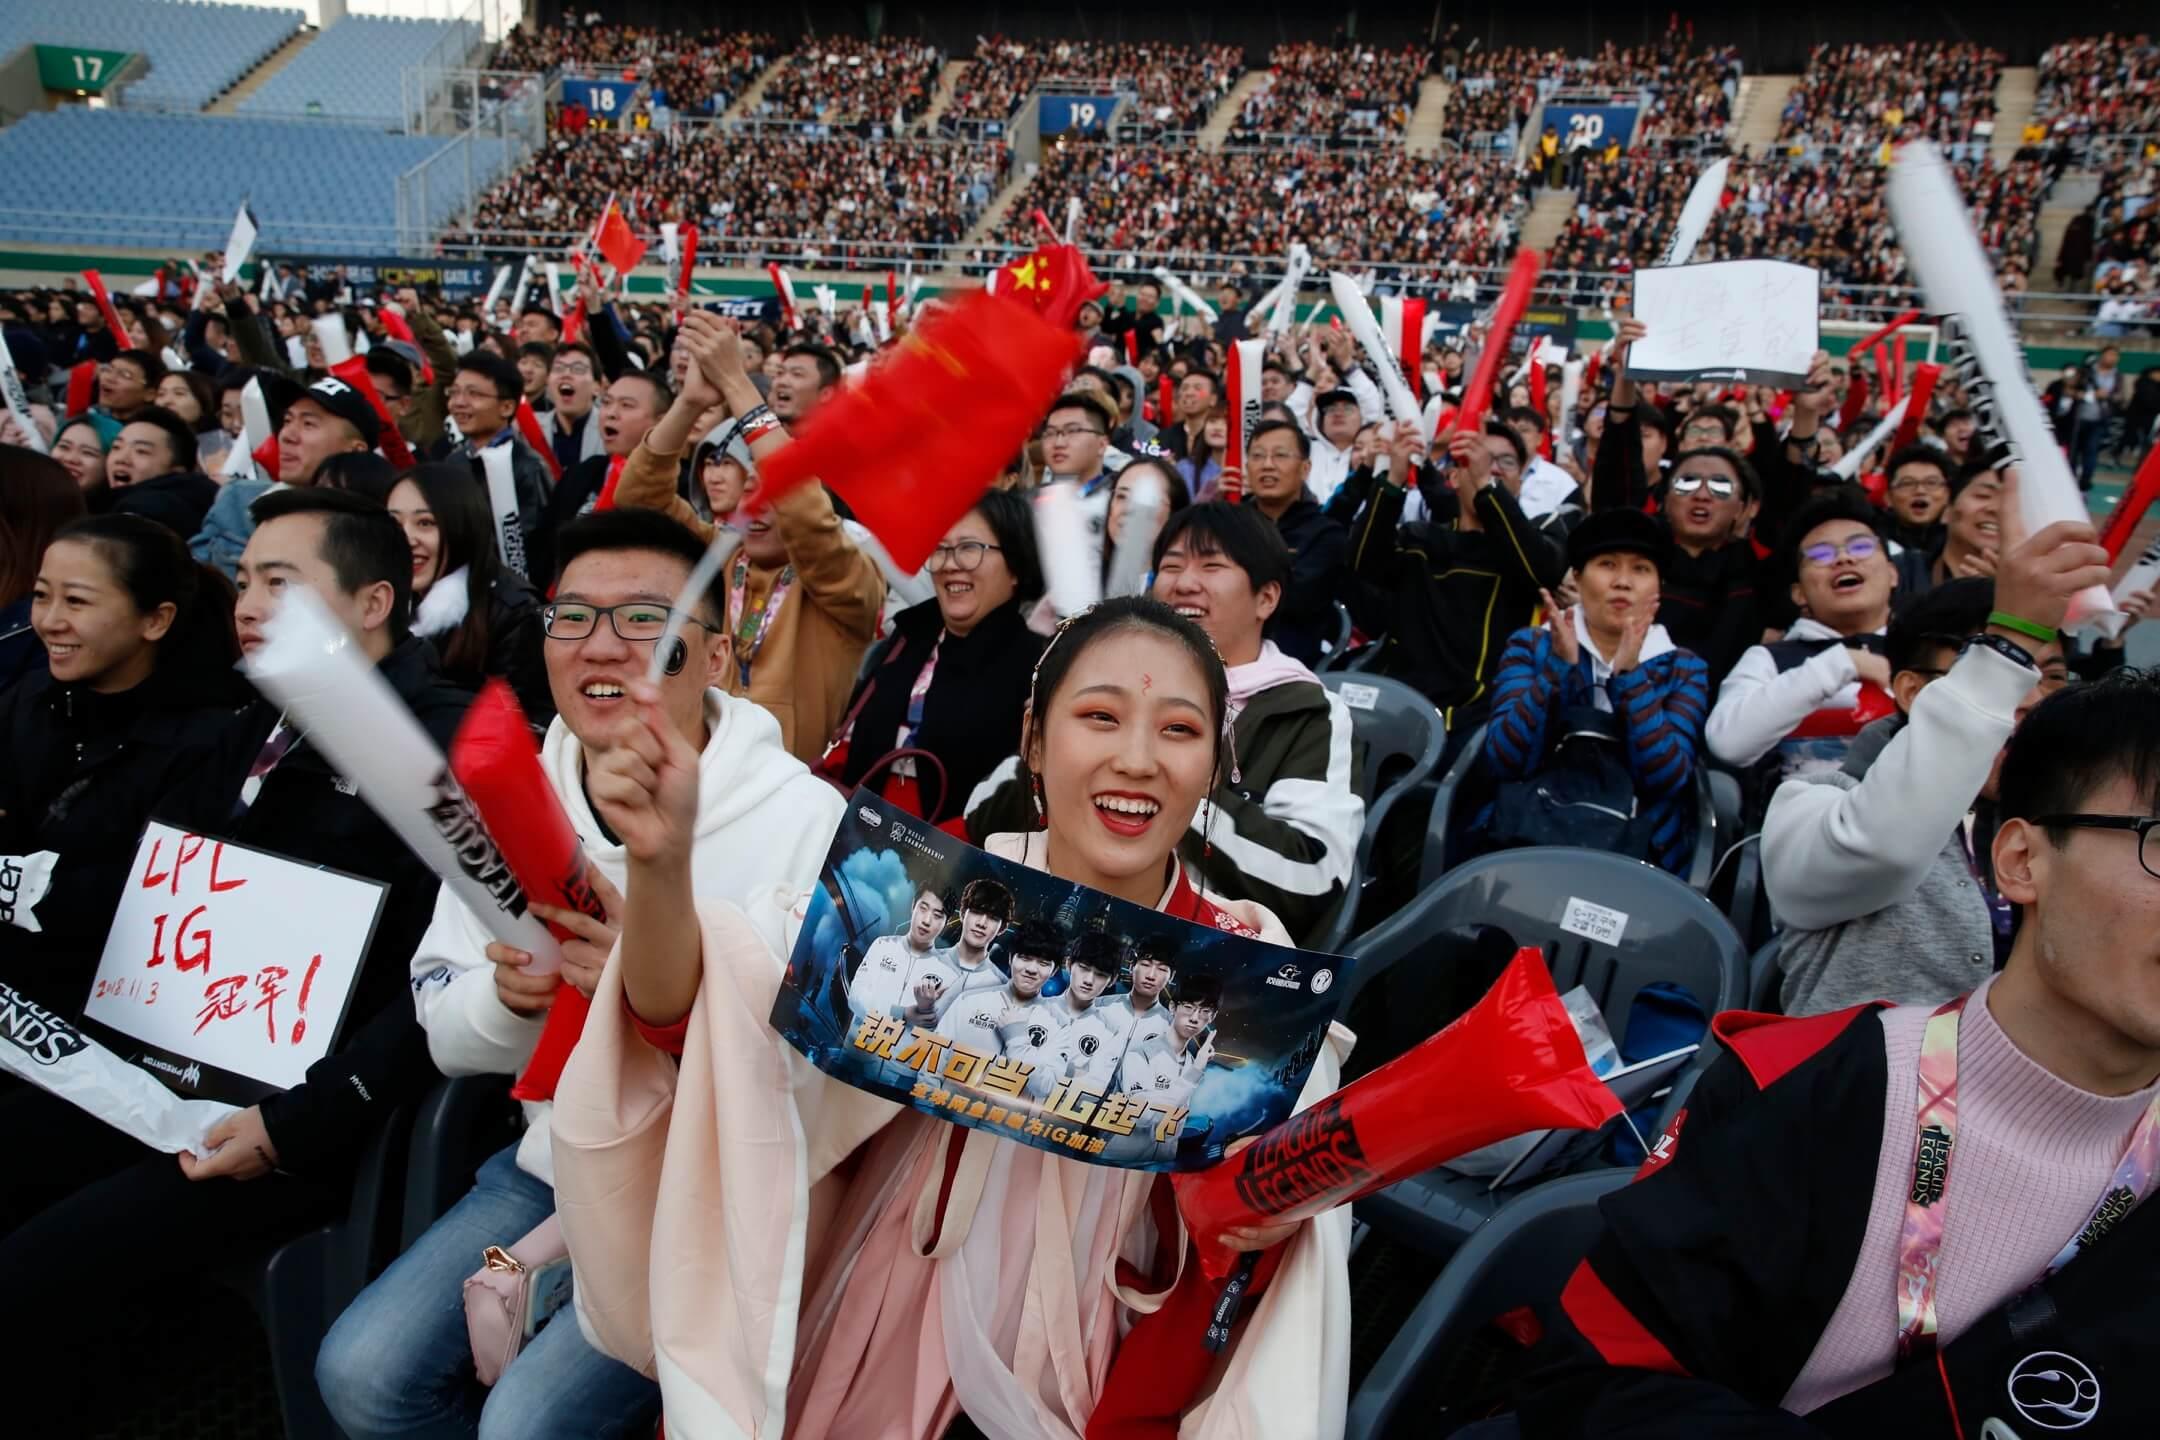 2018年11月3日,韓國仁川,來自中國的IG戰隊戰勝來自歐洲的Fnatic戰隊,獲得2018年英雄聯盟S8賽季世界總決賽冠軍,到現場觀賽的支持者揮動國旗狂呼。 攝:Jeon Heon-Kyun/EPA